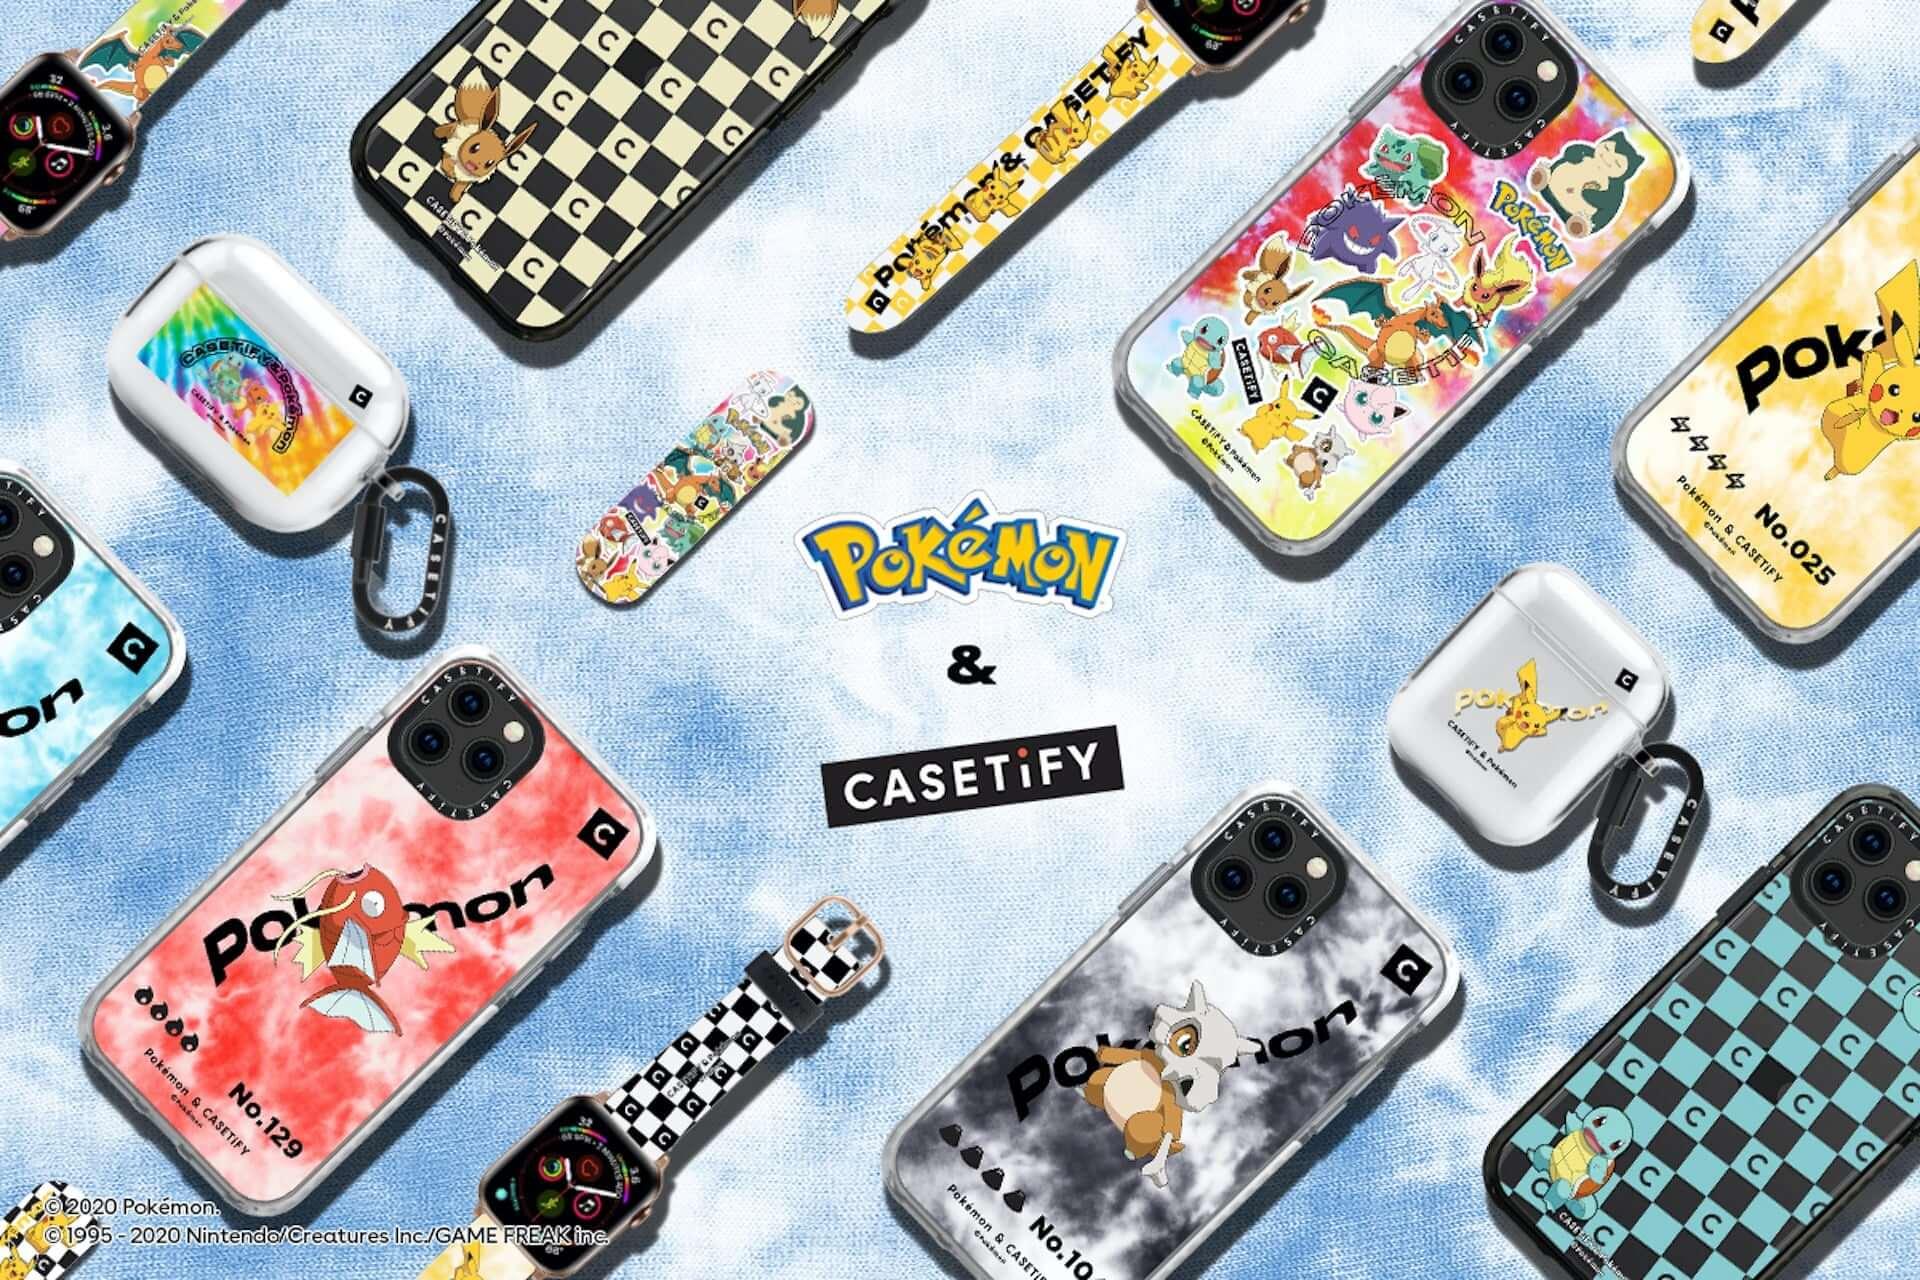 CASETiFYとポケモンの再タッグが実現!新コレクション第1弾にiPhoneケース、ワイヤレスチャージャー等が発売決定 tech200727_casetify-pokemon_12-1920x1280